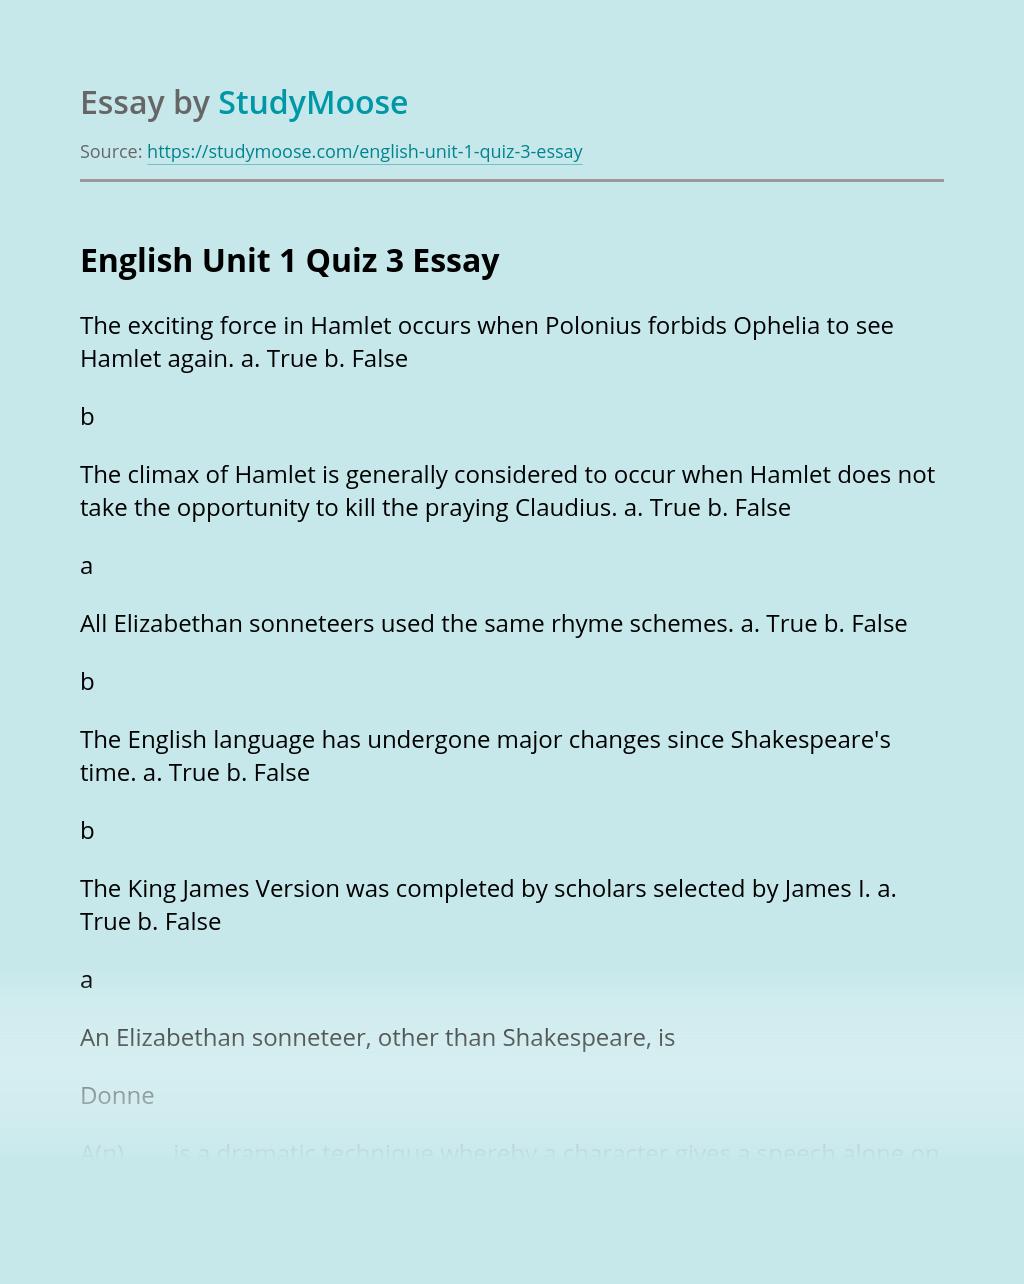 English Unit 1 Quiz 3